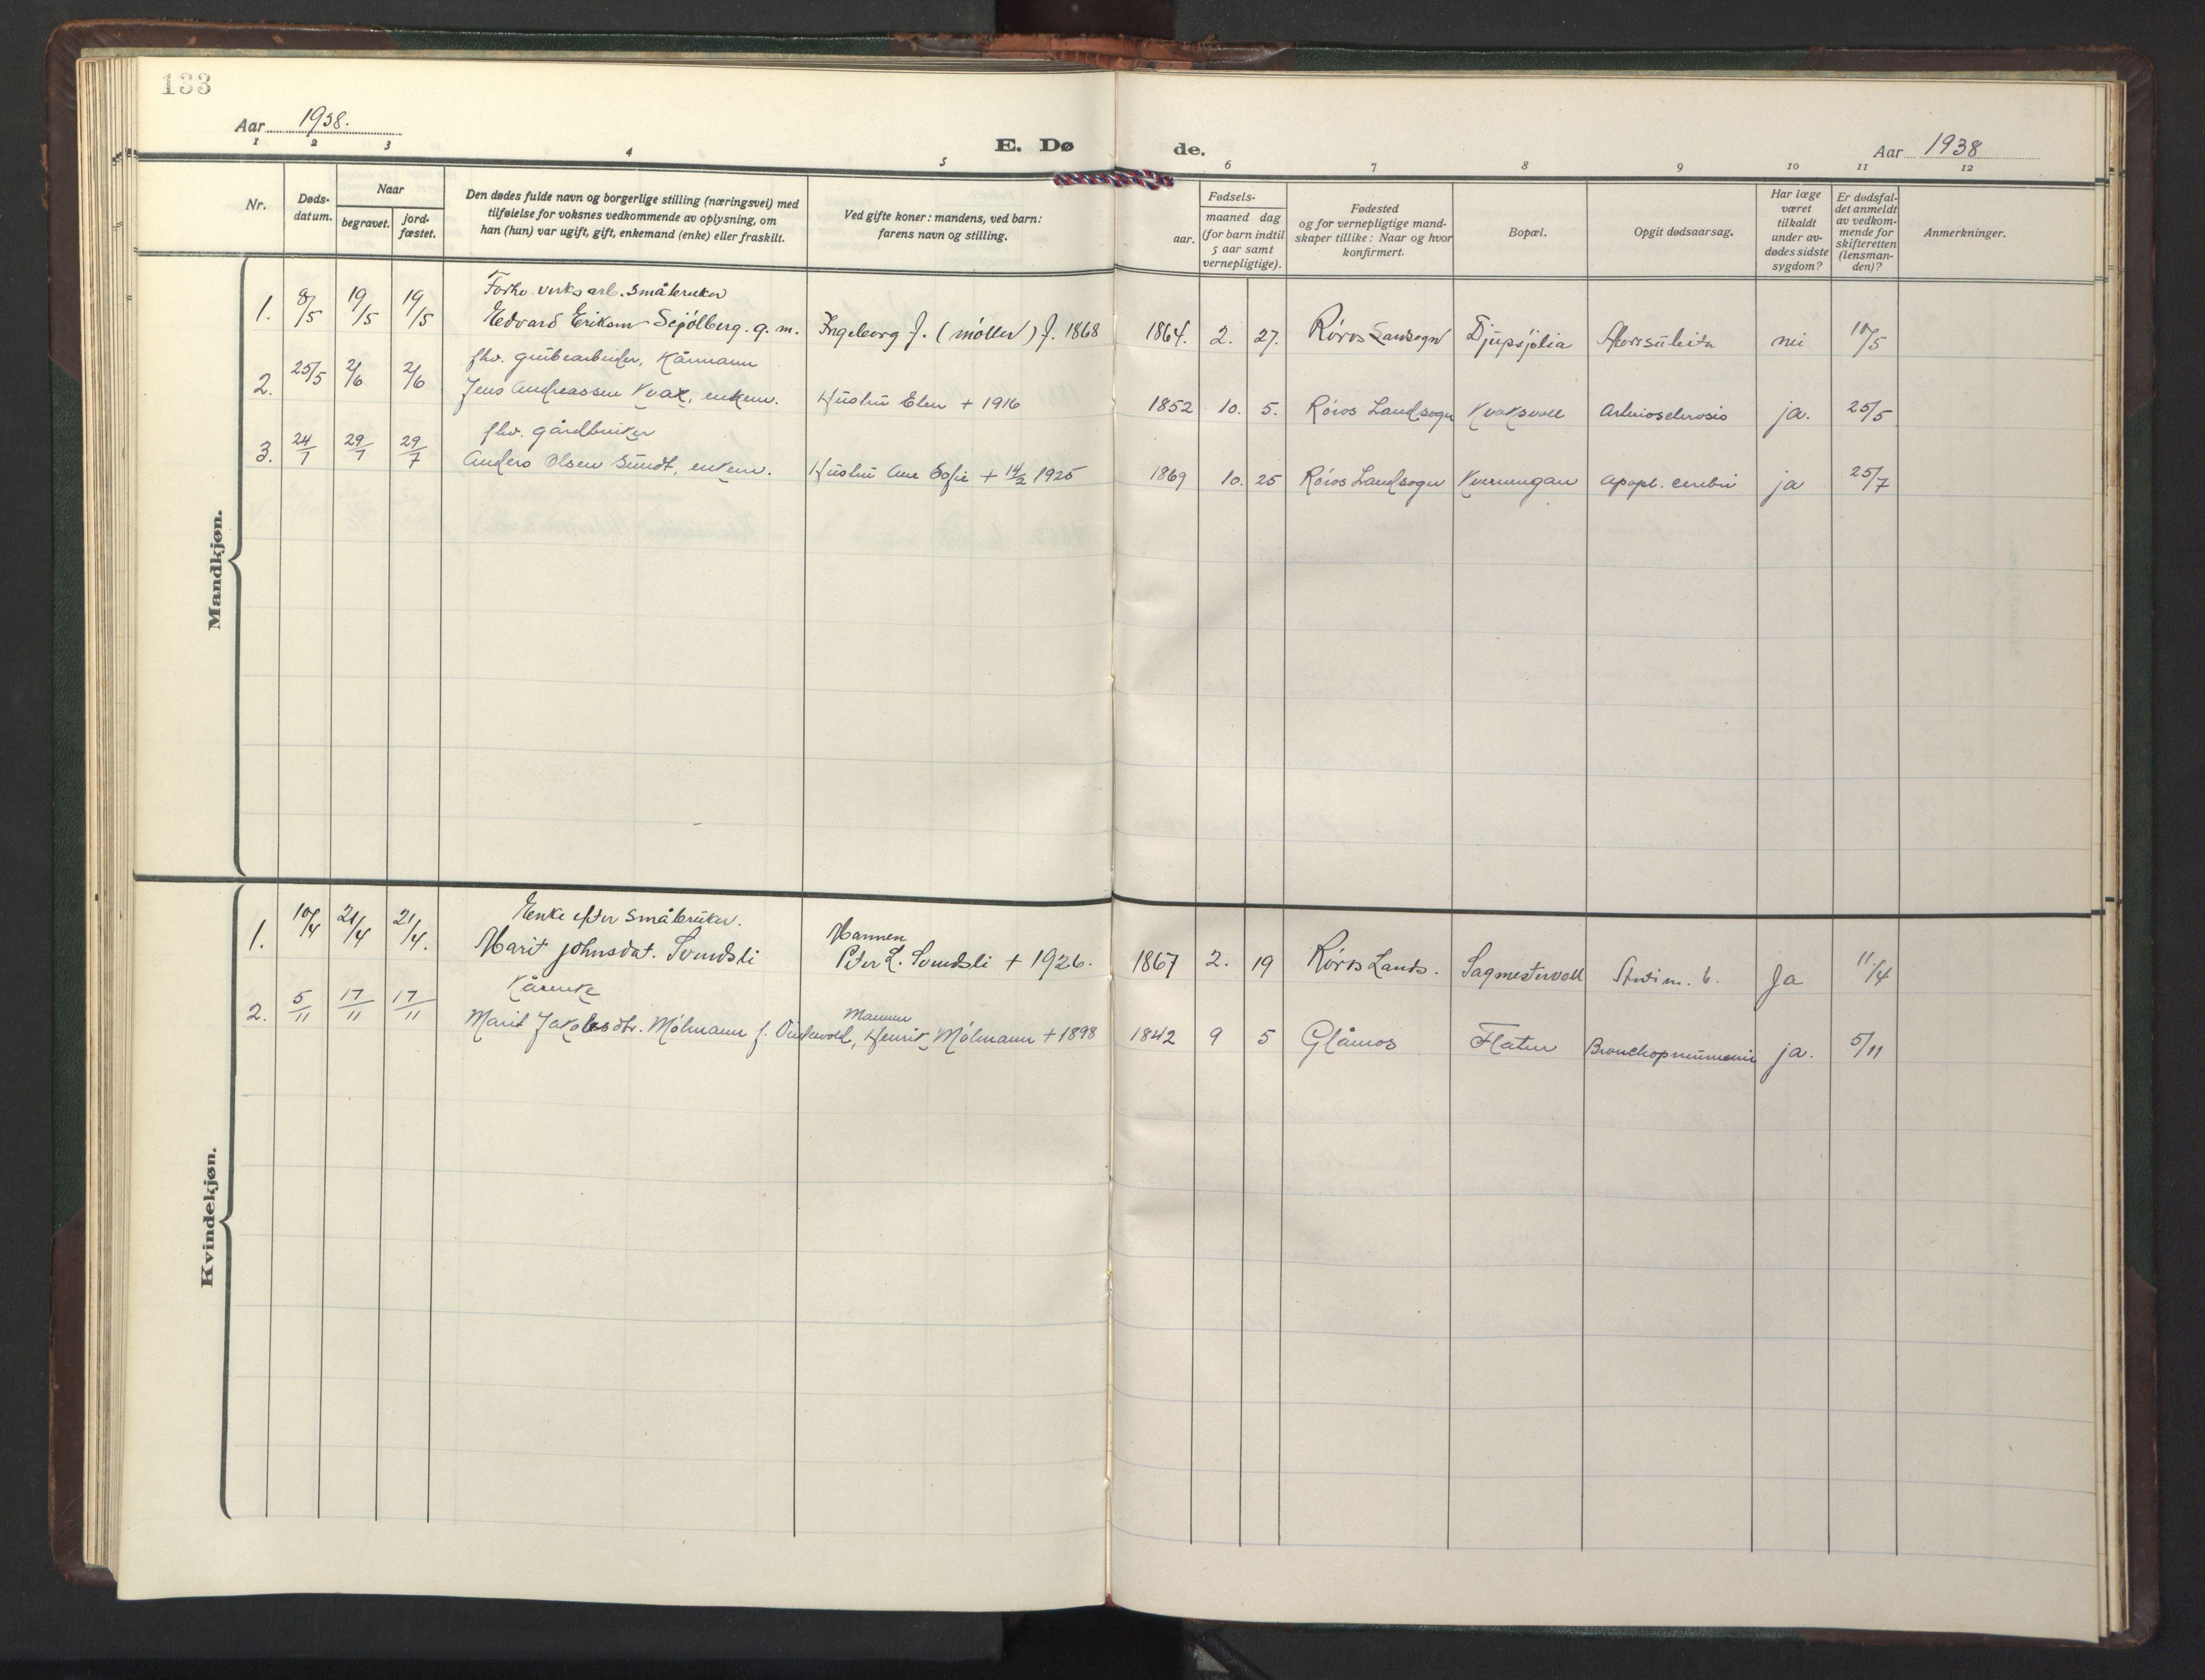 SAT, Ministerialprotokoller, klokkerbøker og fødselsregistre - Sør-Trøndelag, 681/L0944: Klokkerbok nr. 681C08, 1926-1954, s. 133